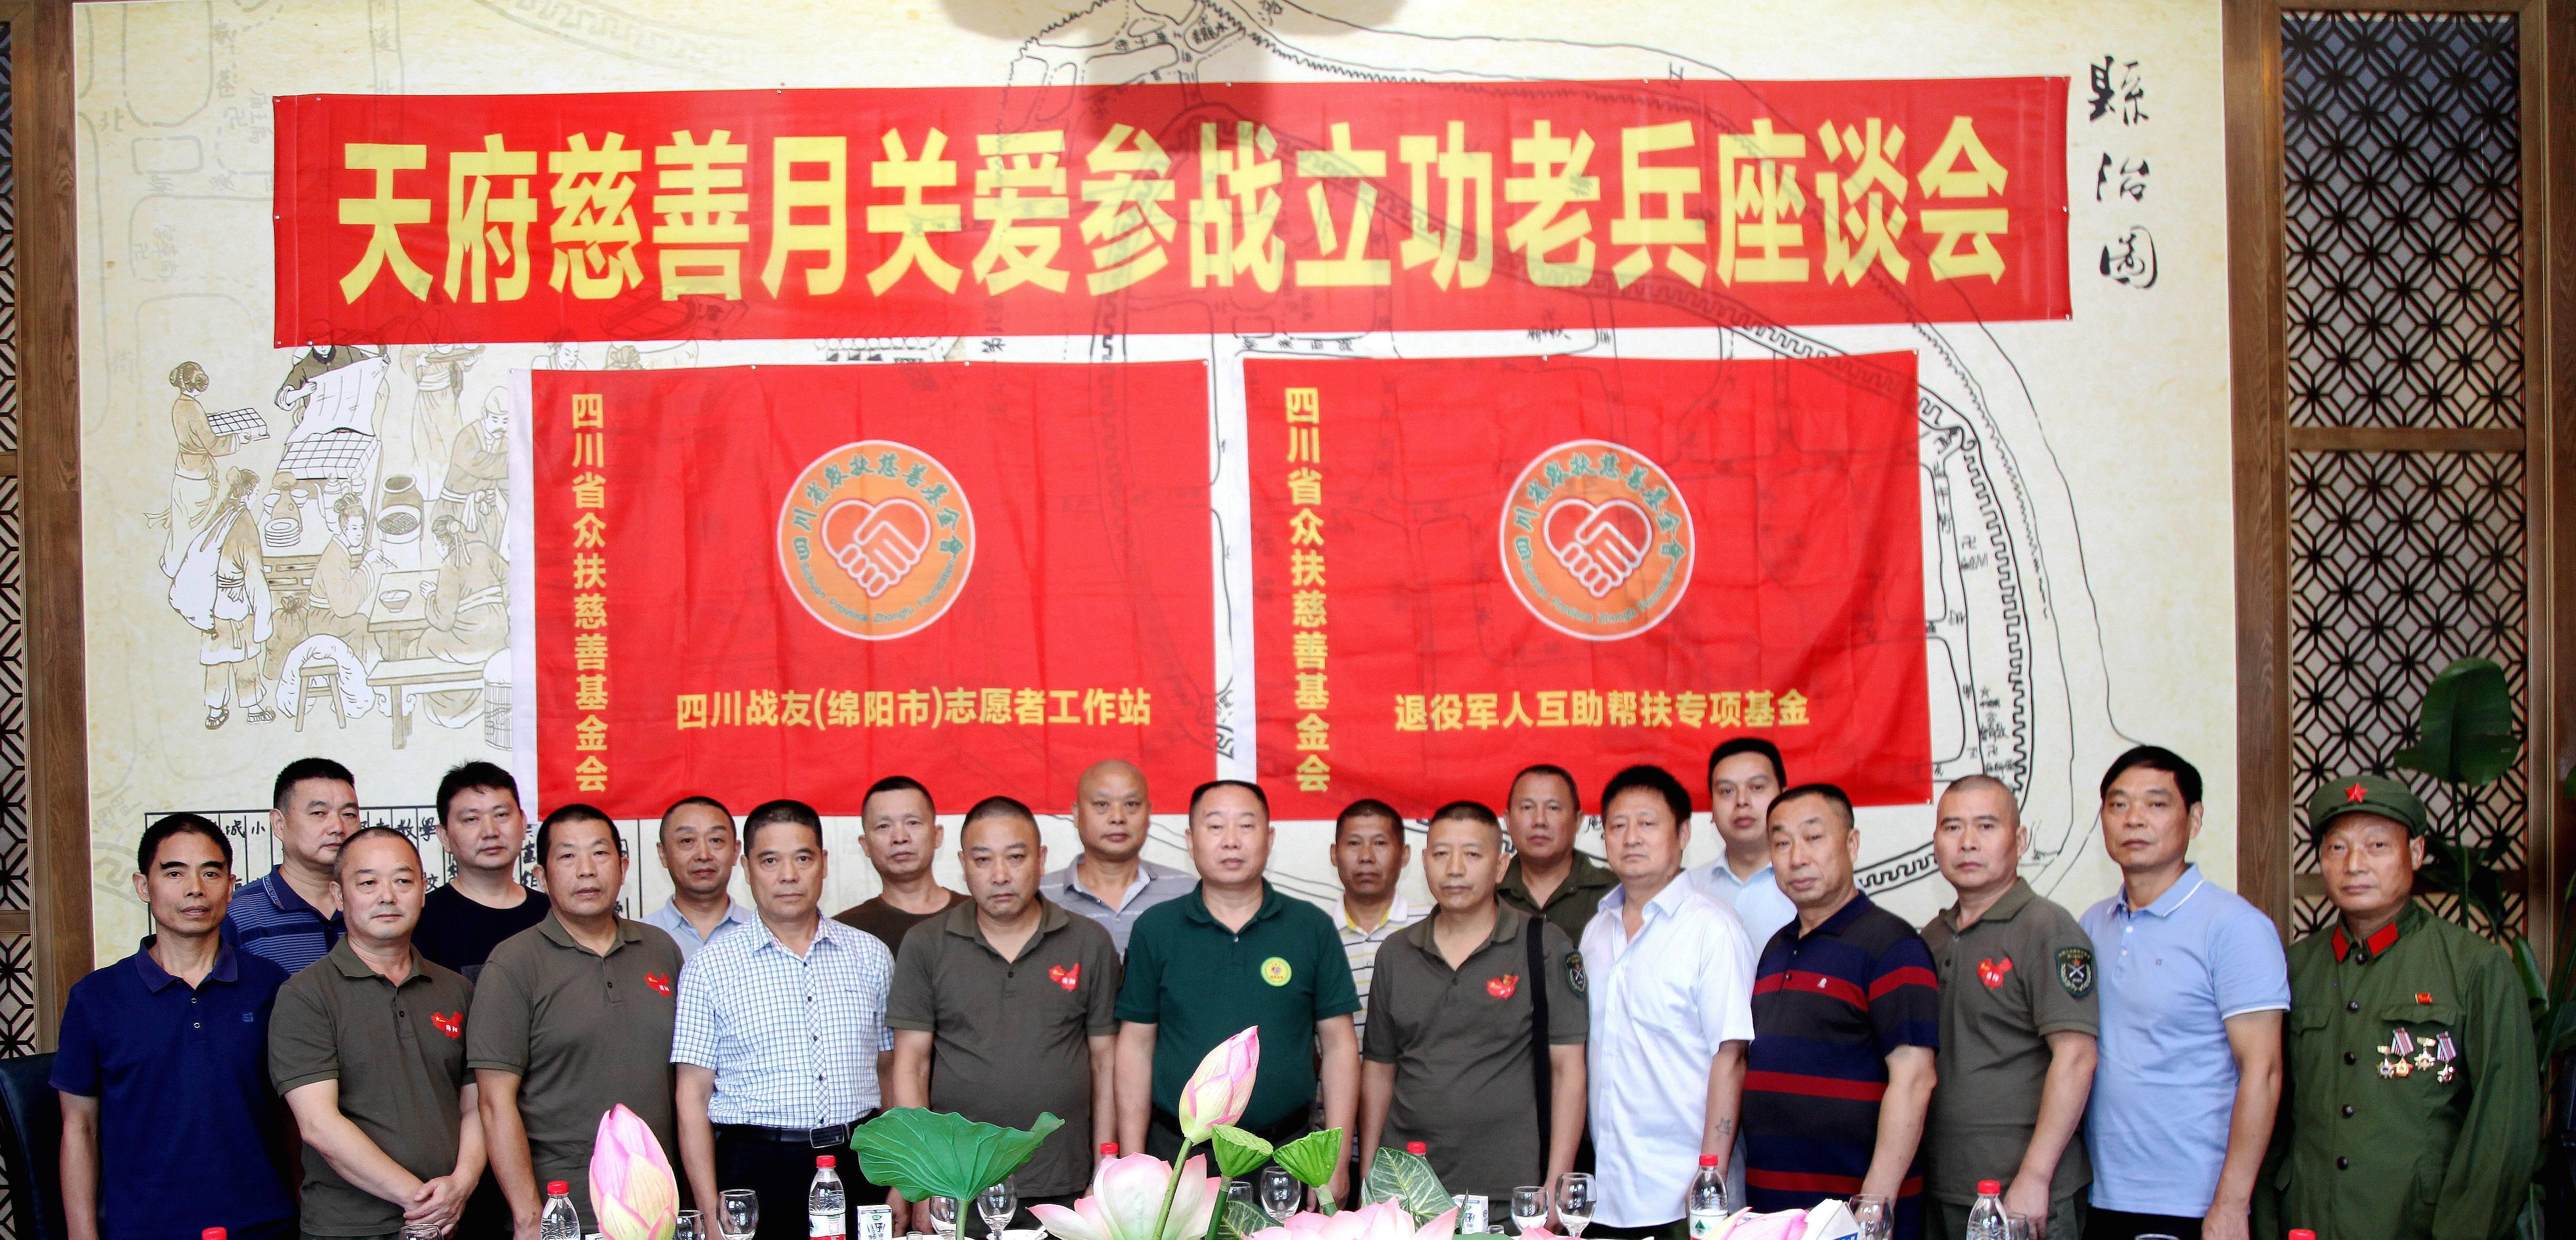 四川省众扶慈善基金会退役军人互助帮扶专项基金慰问立功战友